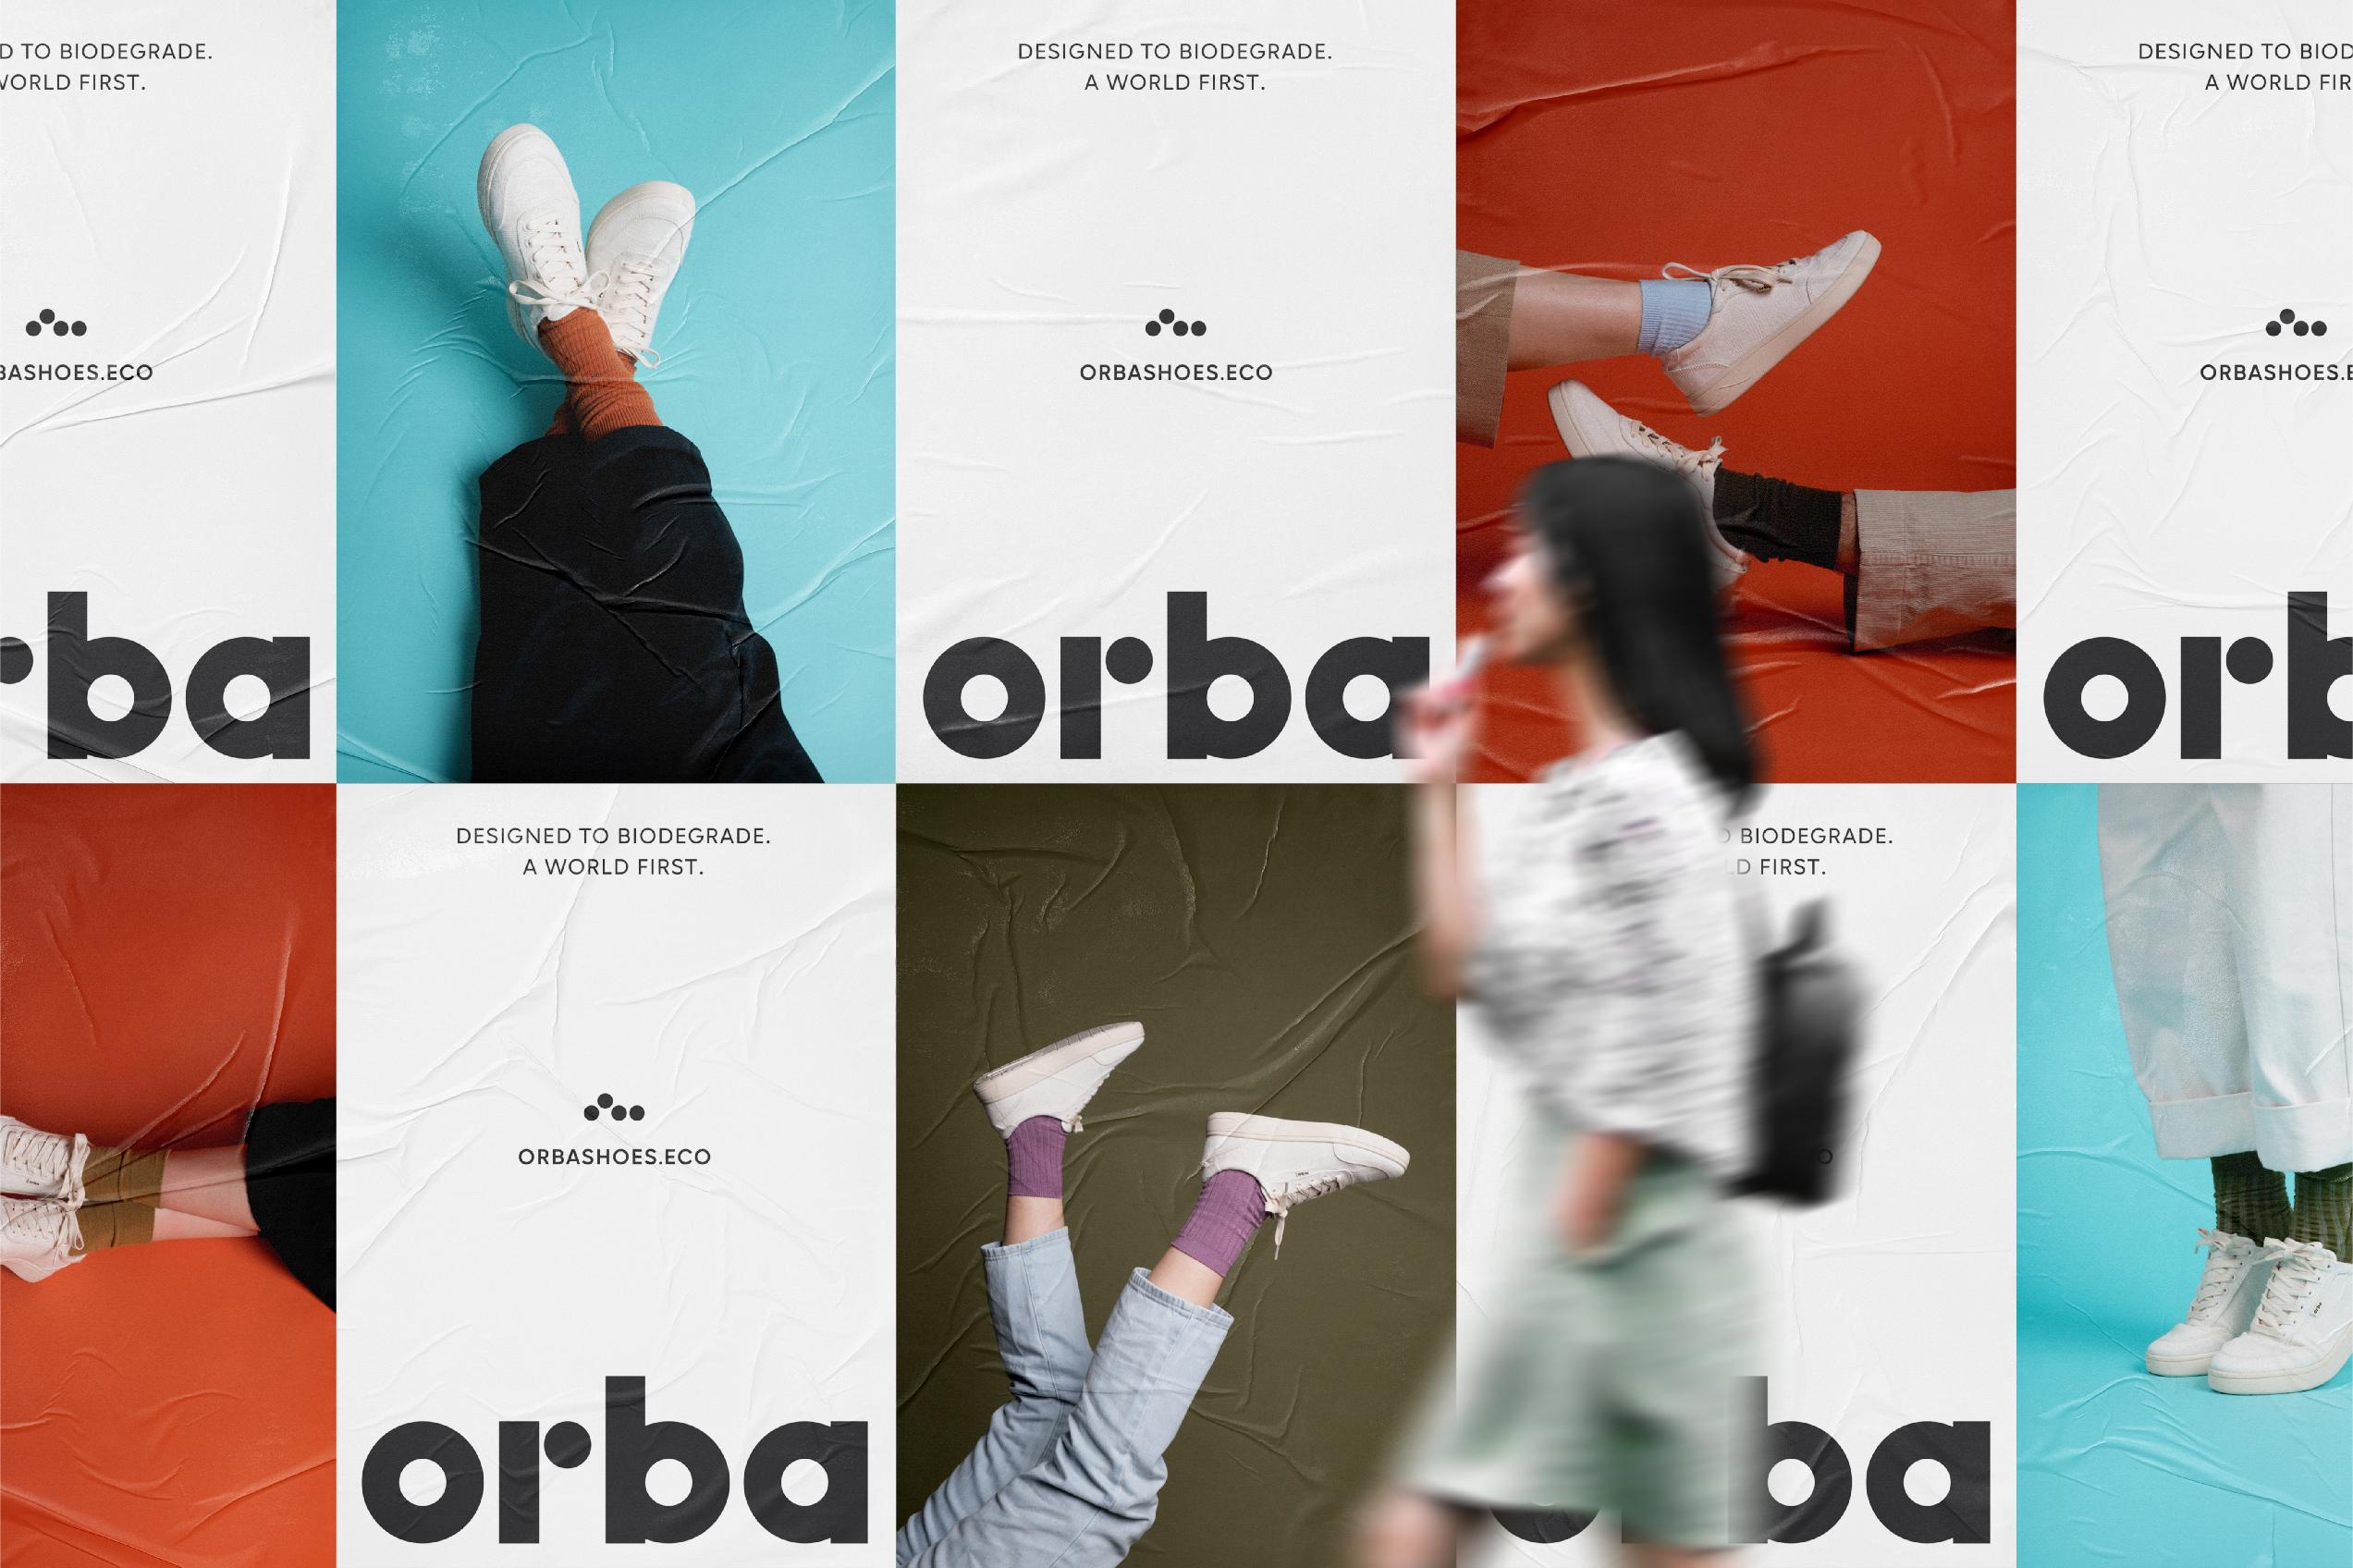 orba_case-study-plan_final_4_lr.jpg